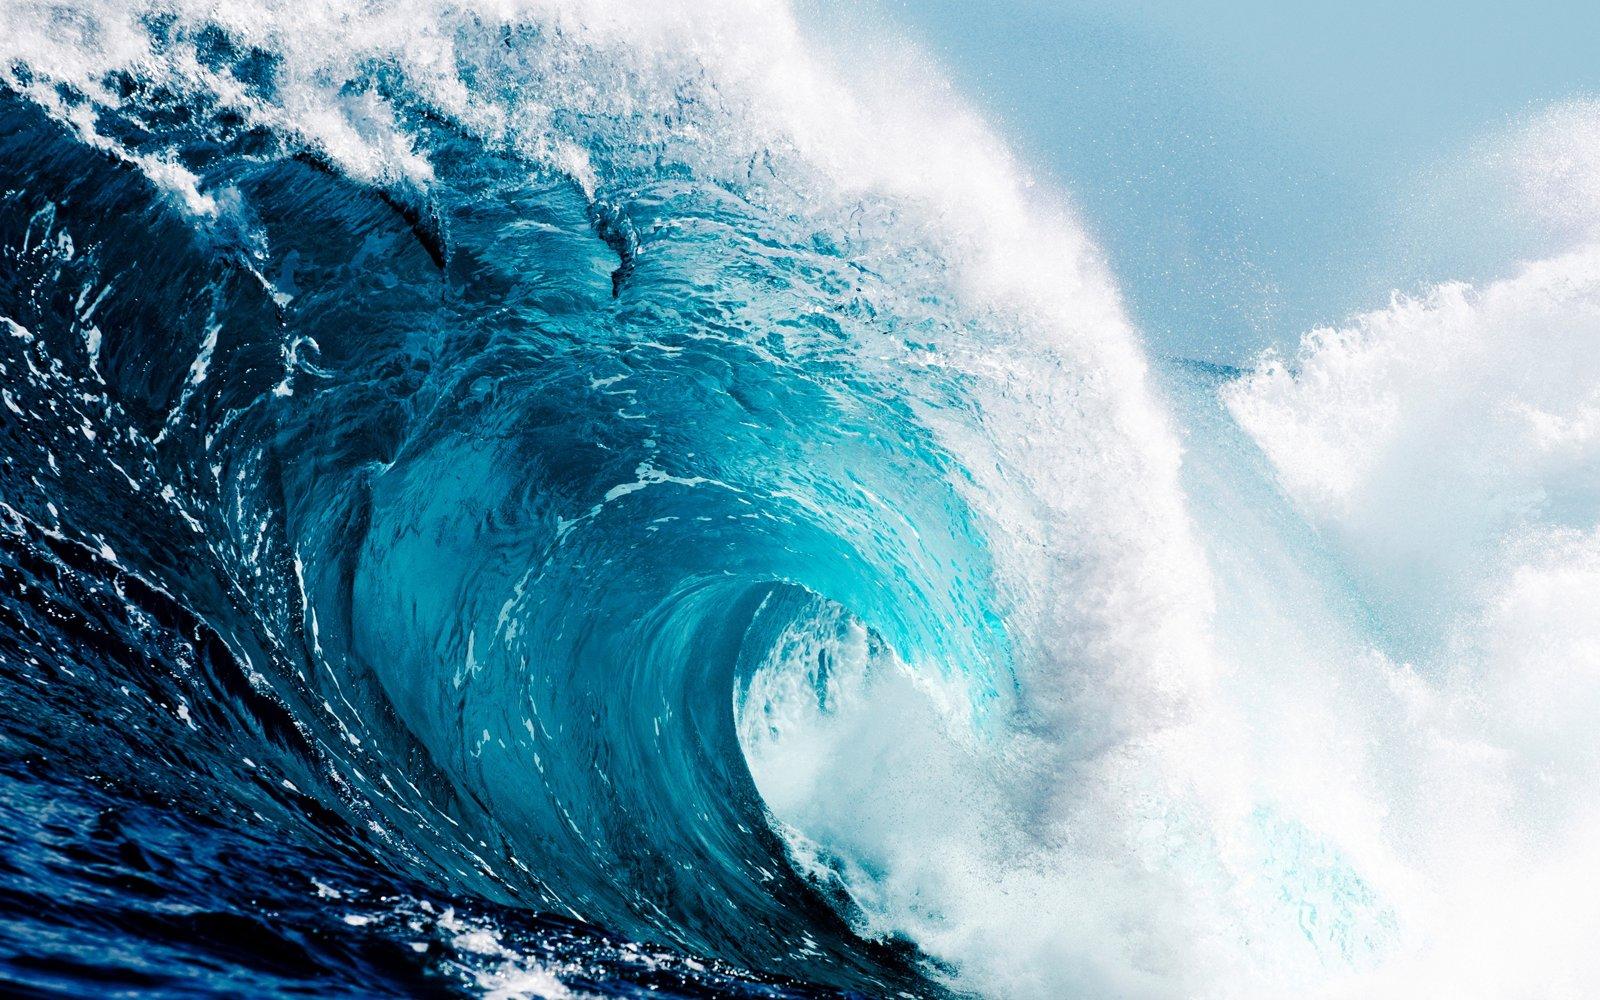 hình nền sóng biển đẹp